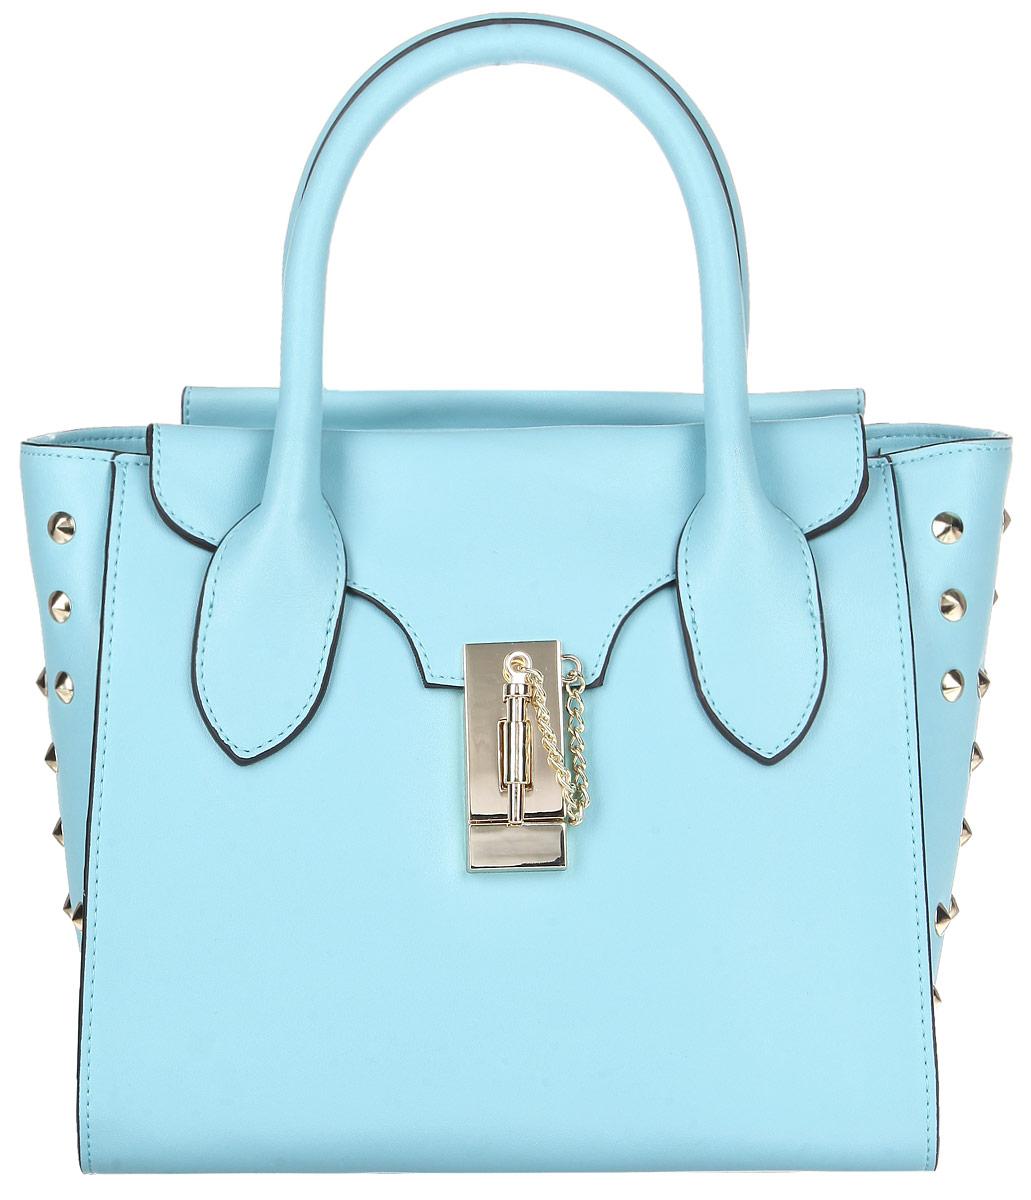 Сумка женская Renee Kler, цвет: голубой. RL655-16RL655-16Стильная женская сумка Renee Kler выполнена из натуральной кожи, оформлена металлической фурнитурой. Изделие содержит одно отделение, которое закрывается на застежку-молнию. Внутри сумки расположены два накладных кармашка для мелочей, врезной карман на застежке-молнии и карман-средник на молнии. Снаружи, на лицевой стороне изделия, расположен врезной карман, закрывающийся клапаном на замок-вертушку. Сумка оснащена удобными ручками и съемным плечевым ремнем регулируемой длины, которые позволят носить изделие, как в руках, так и на плече. Дно изделия дополнено металлическими ножками, которые защитят изделие от преждевременных повреждений. Практичный аксессуар позволит вам завершить образ и быть неотразимой.